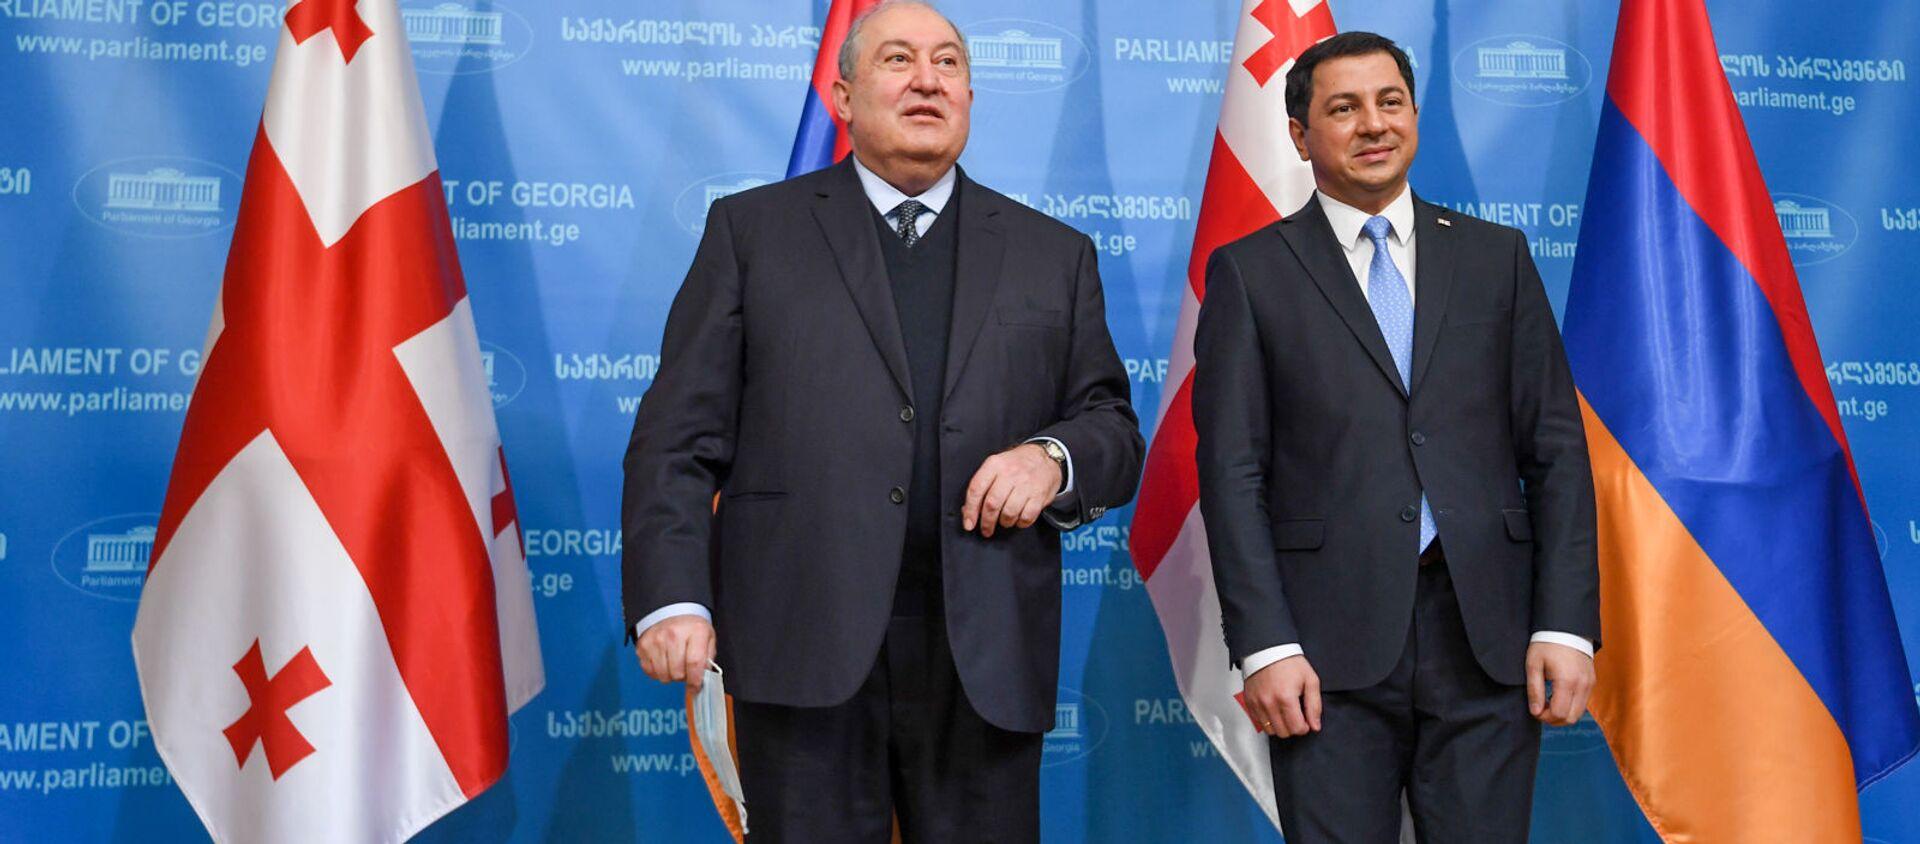 Президент Армении Армен Саркисян и глава парламента Грузии Арчил Талаквадзе, 16 апреля 2021 года - Sputnik Грузия, 1920, 16.04.2021